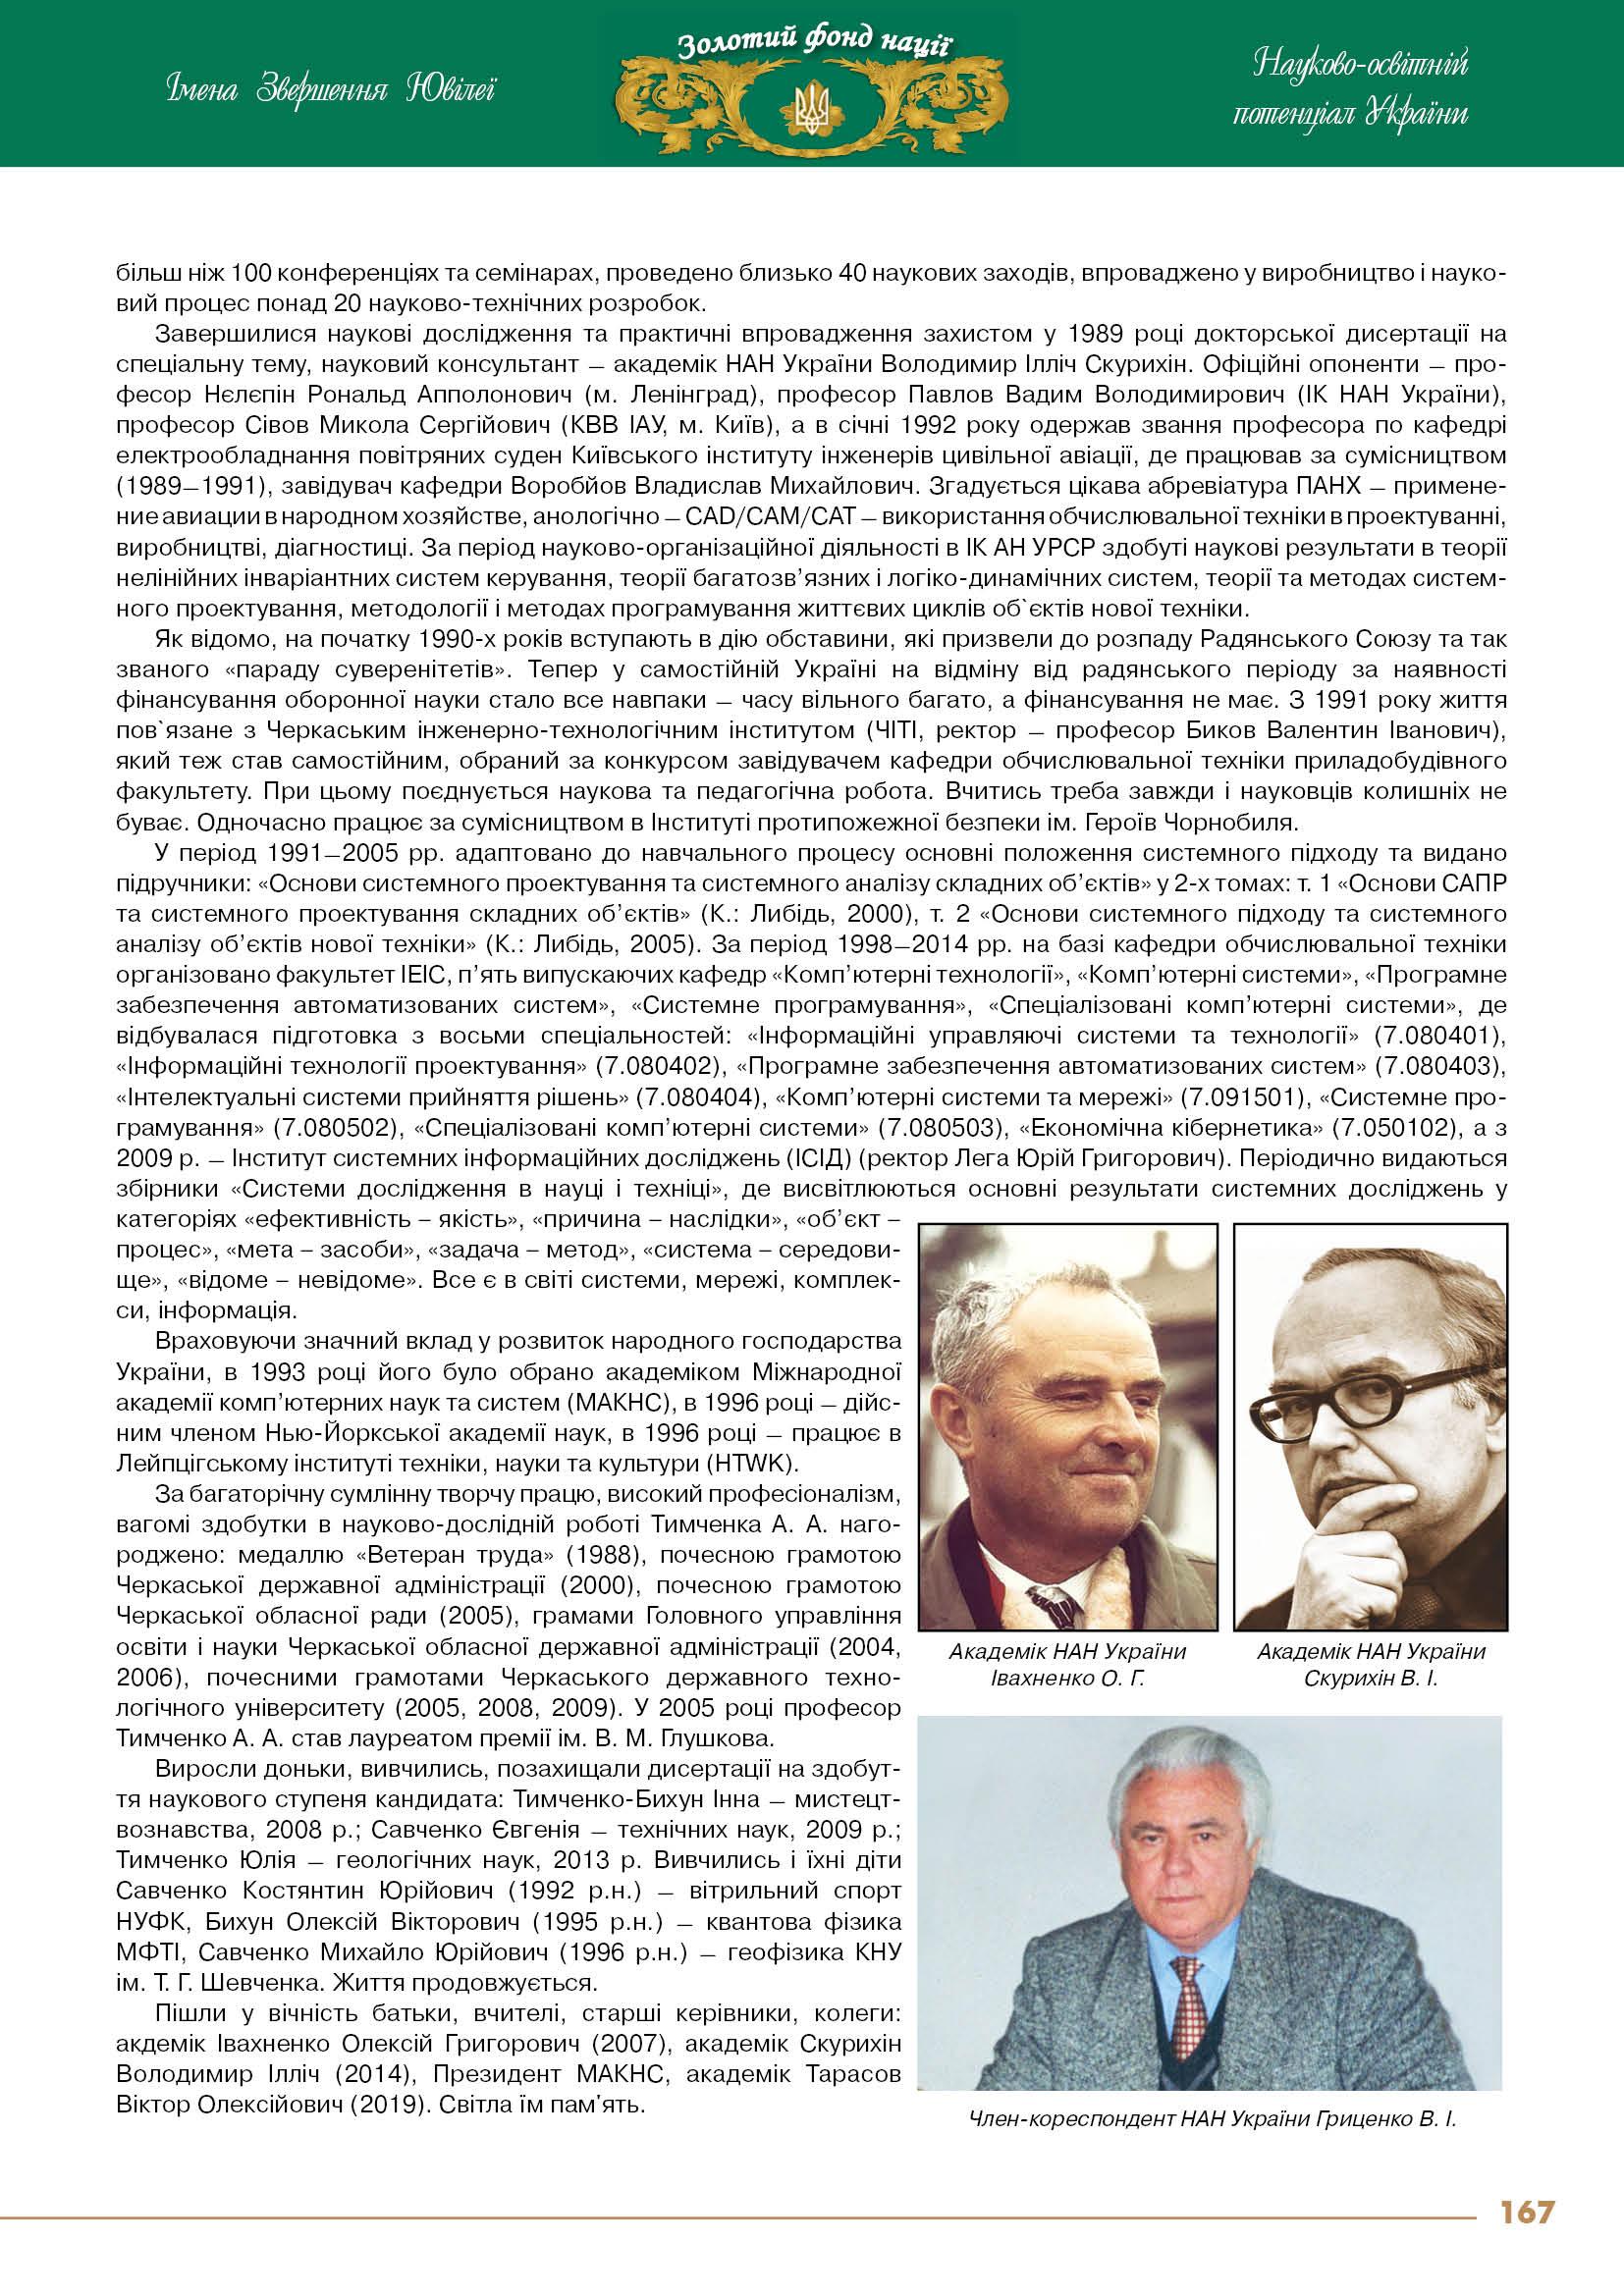 Тимченко Анатолій Анастасійович